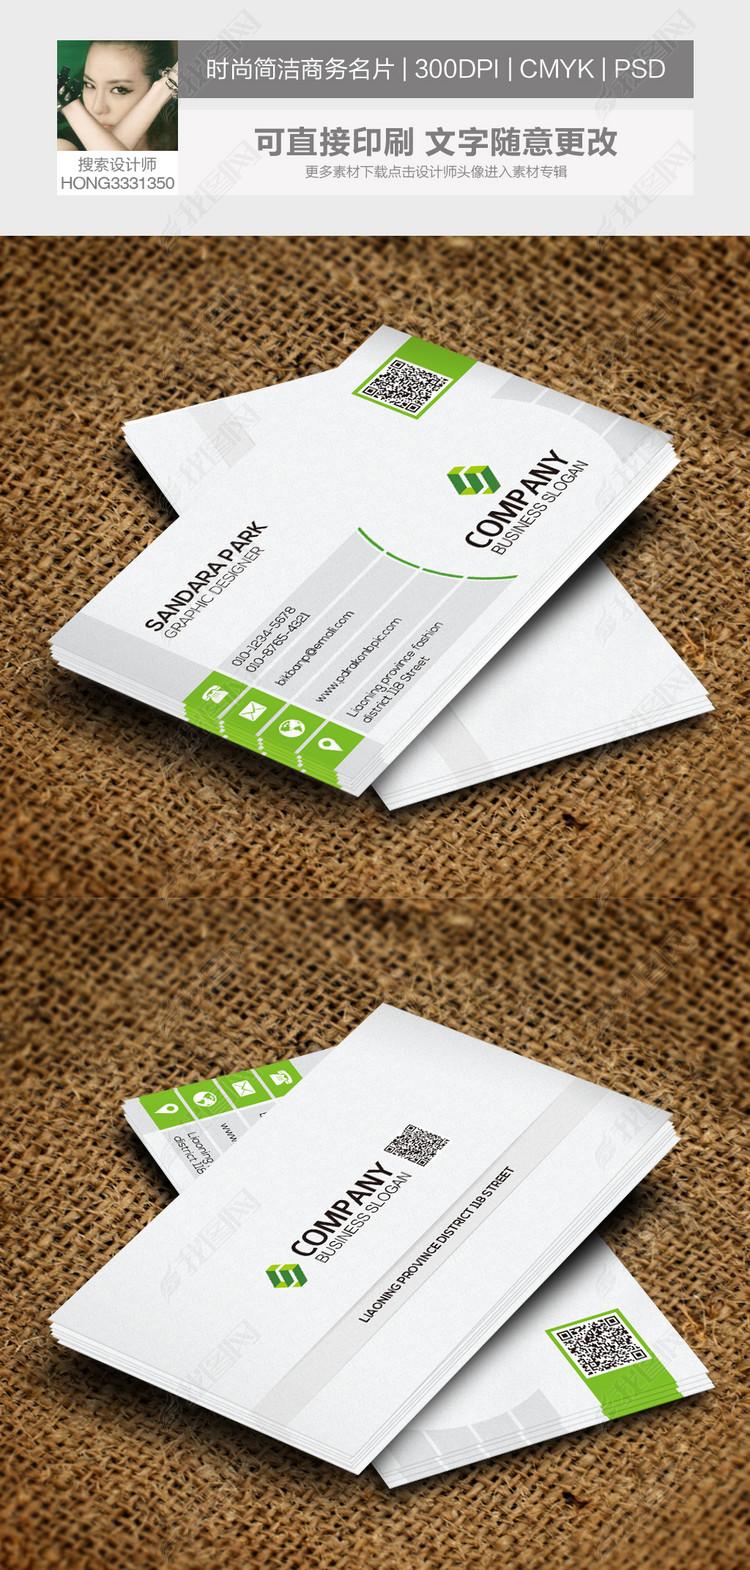 简洁大气绿色商业名片模板